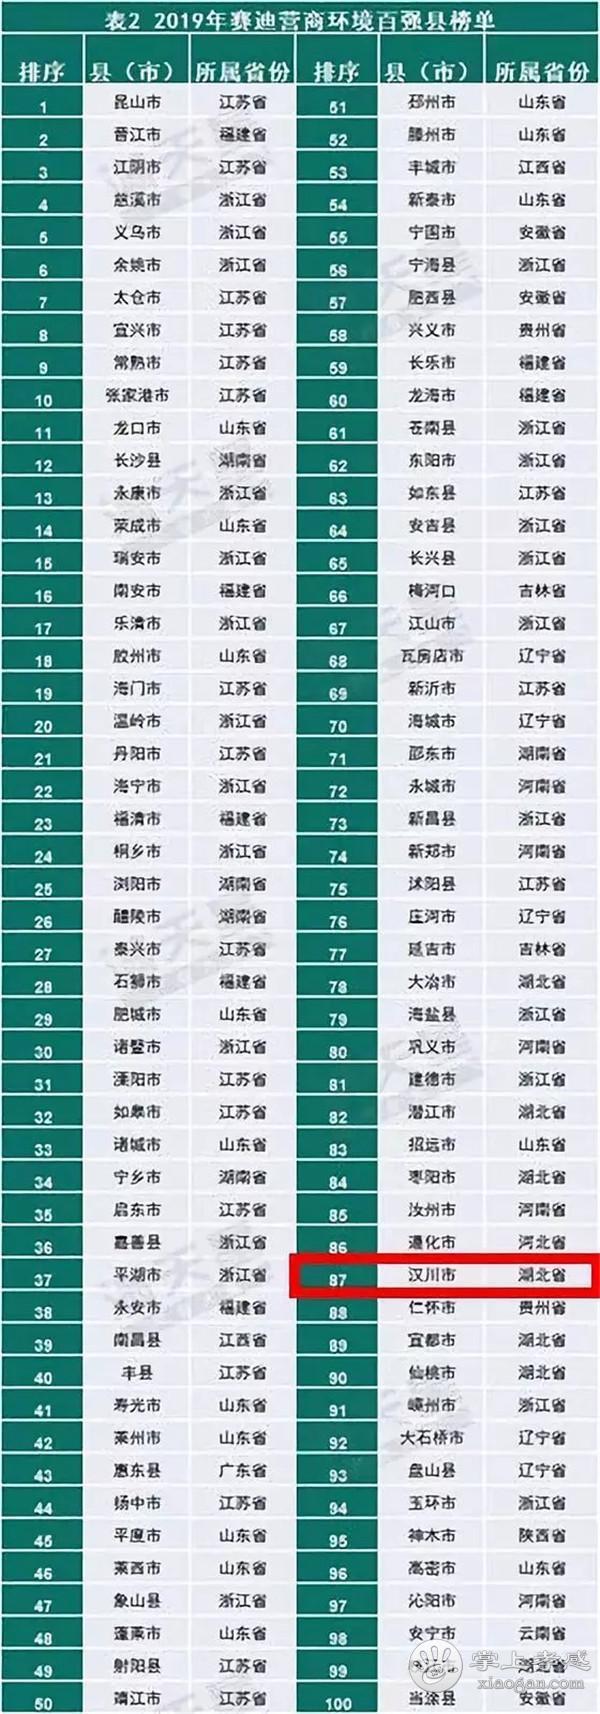 汉川再上县域营商环境百强榜,排名上升5位![图2]